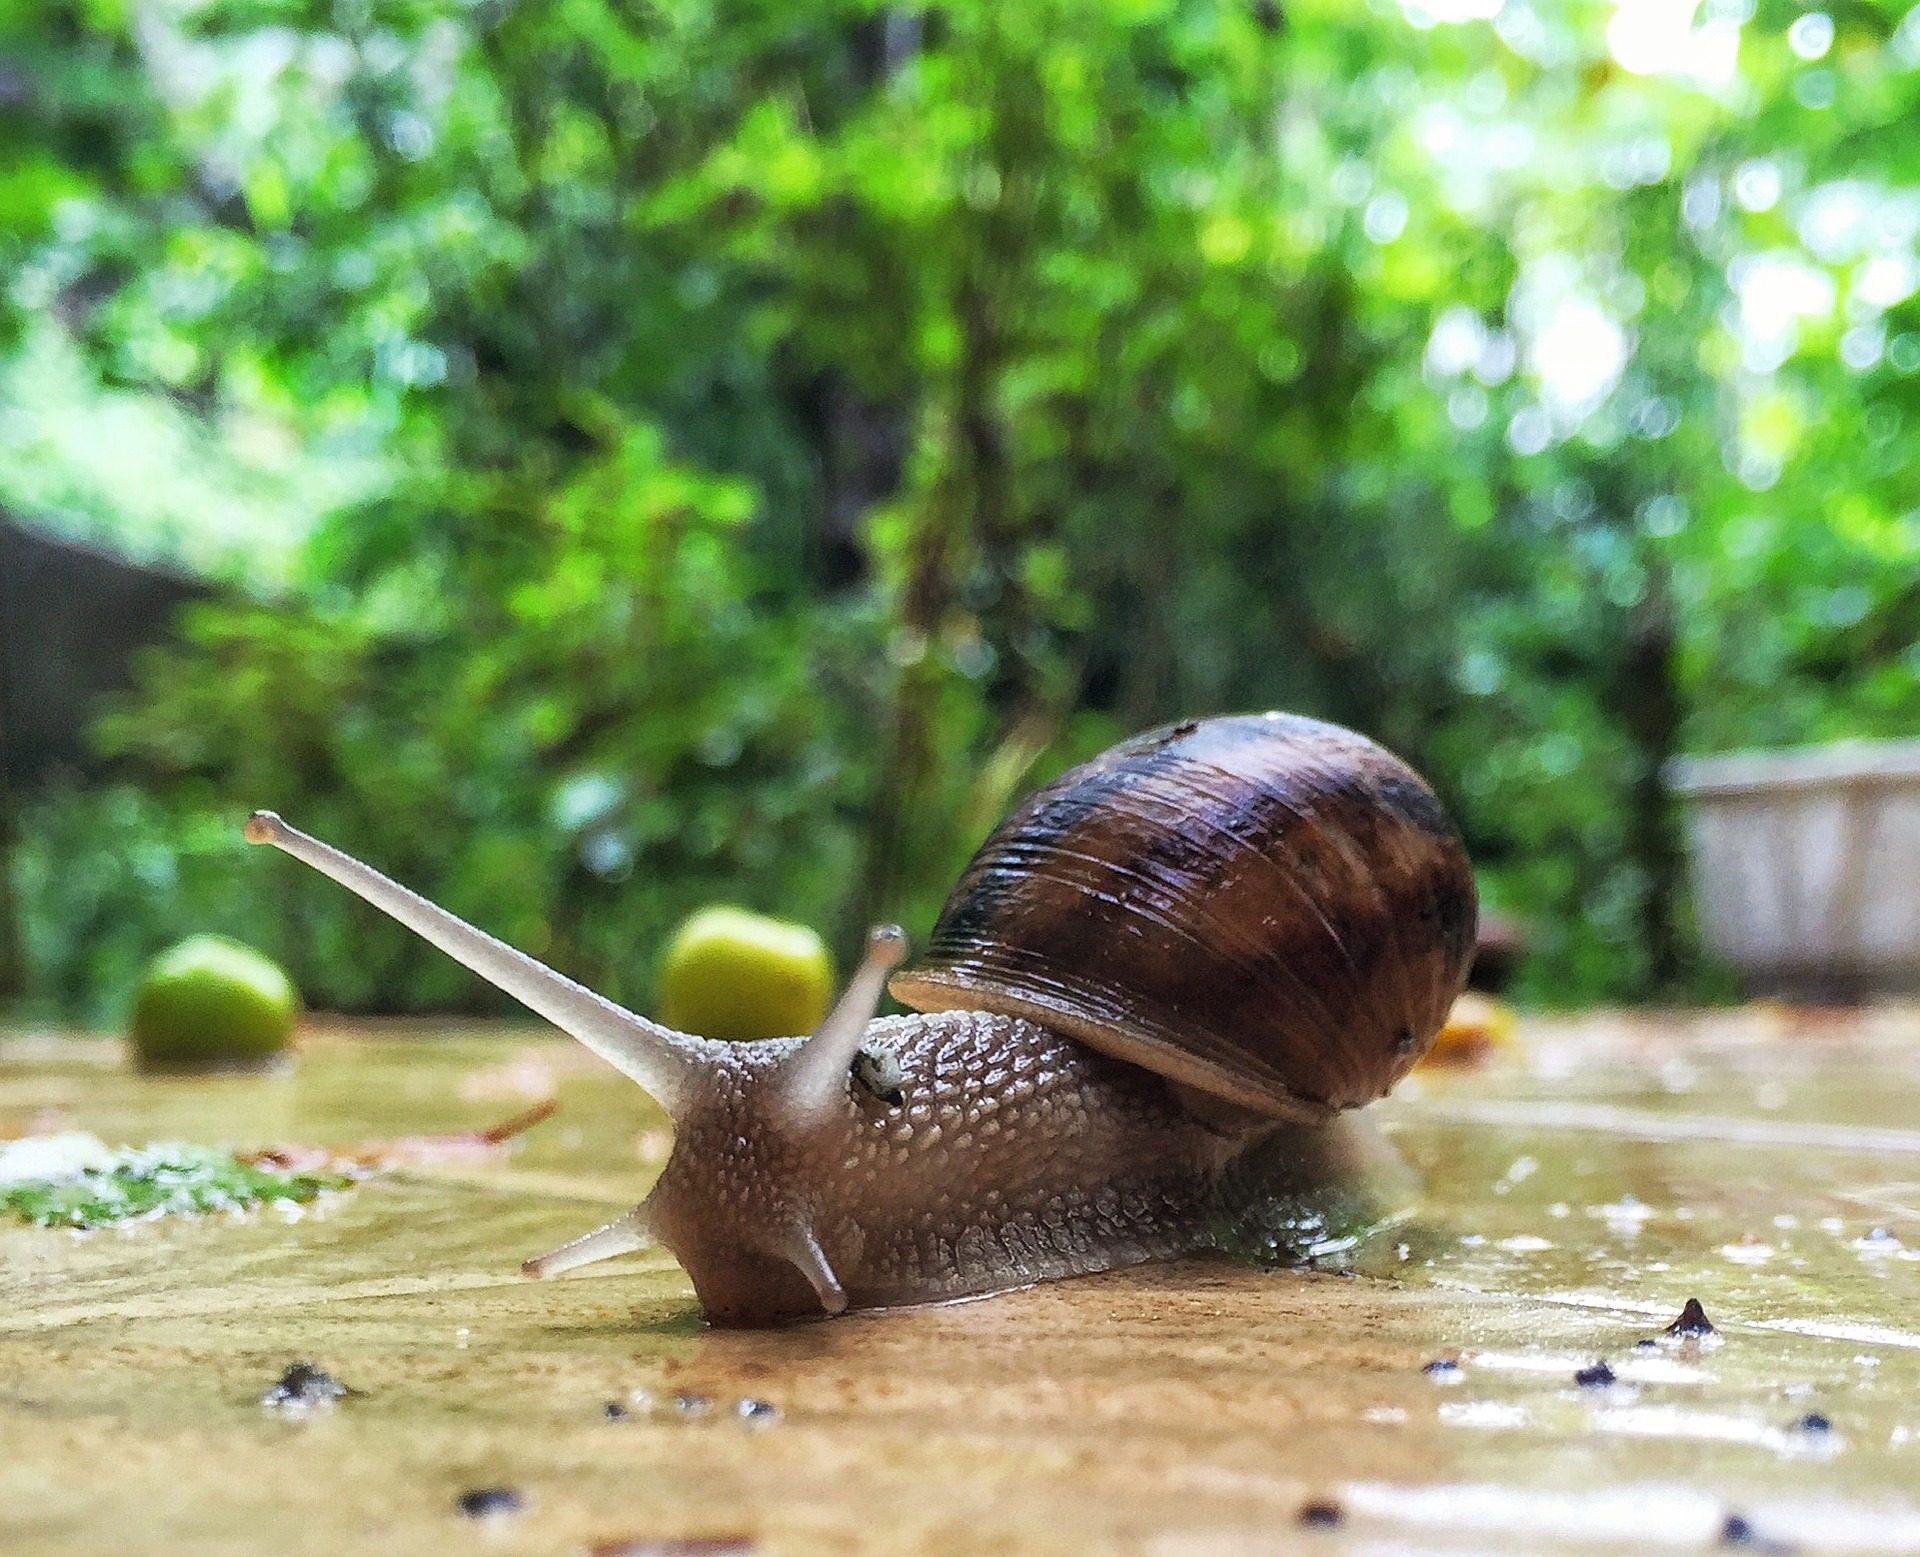 caracol, cuernos, ojos, concha, humedad, molusco - Fondos de Pantalla HD - professor-falken.com